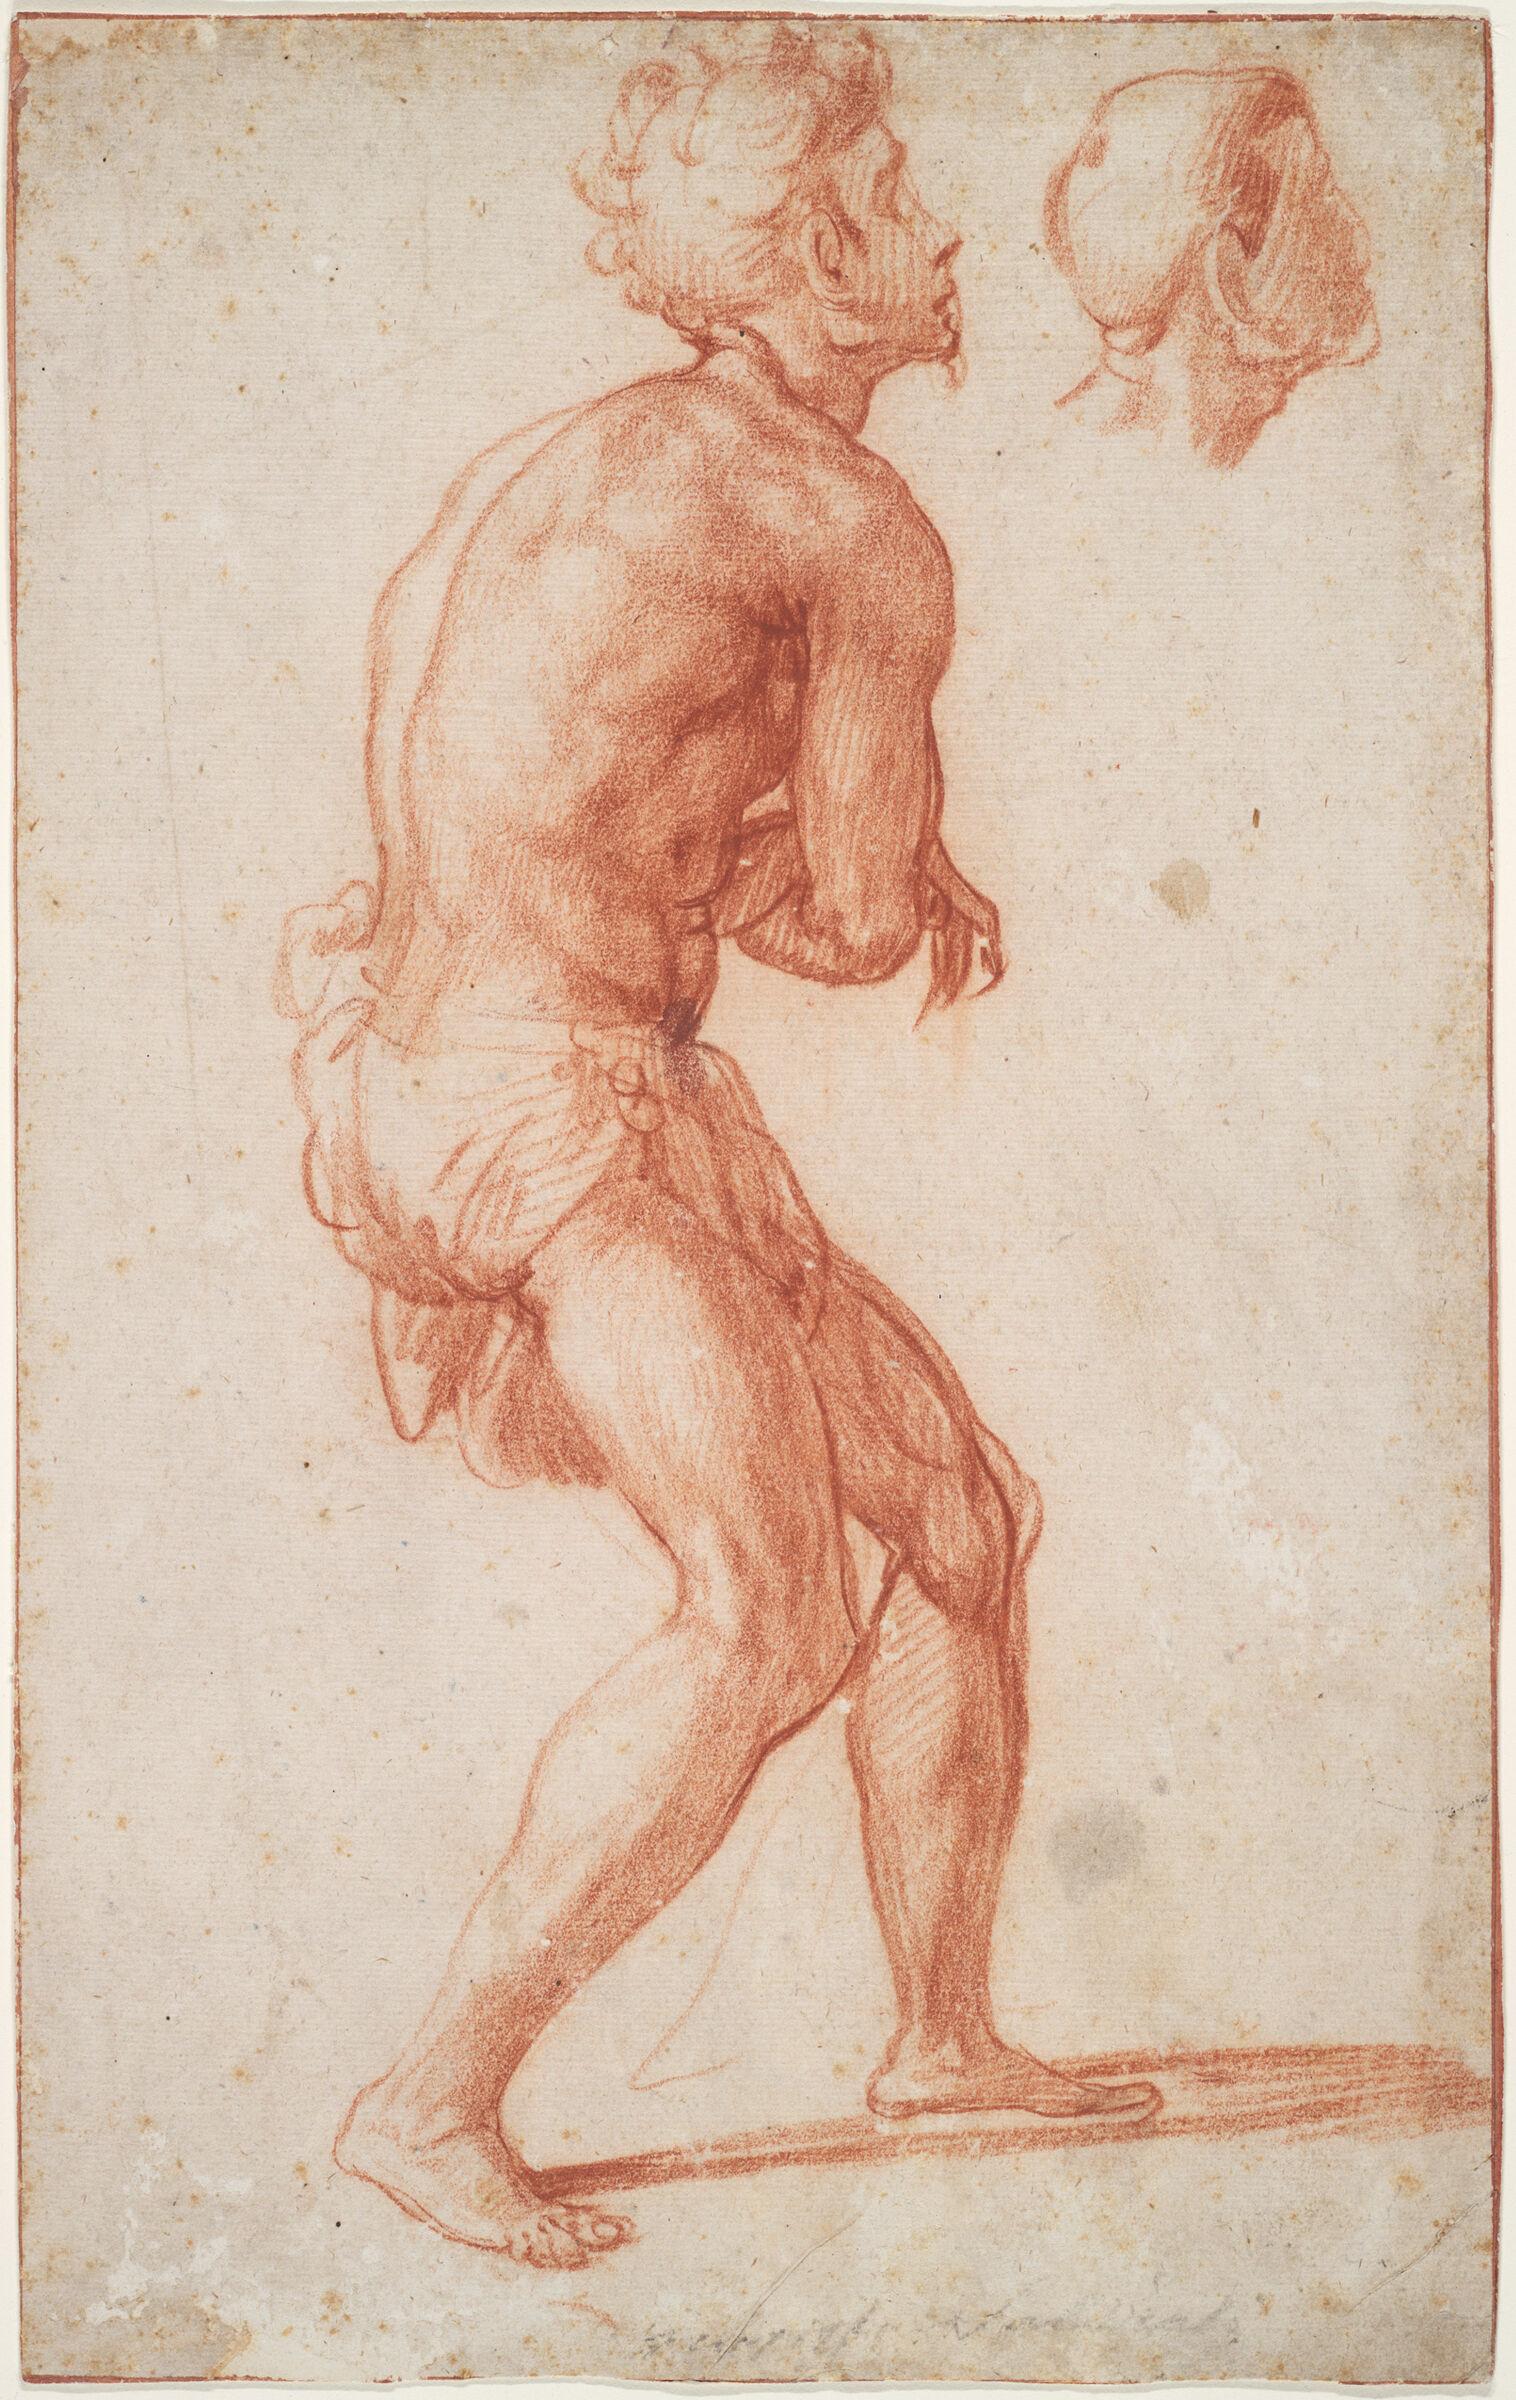 A Nude Man